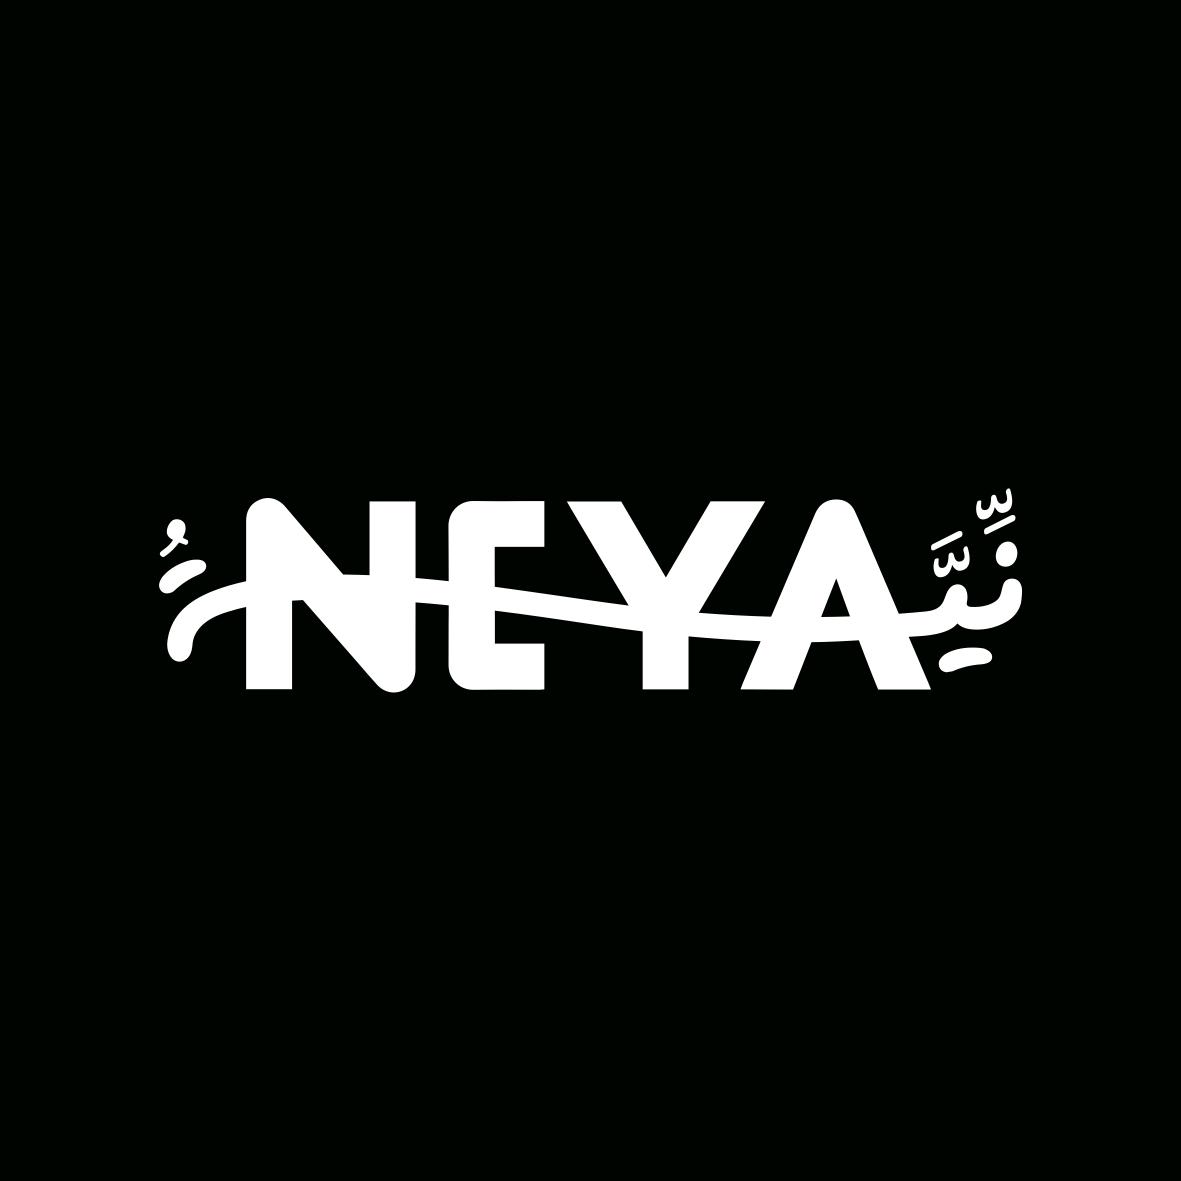 Neya for Information